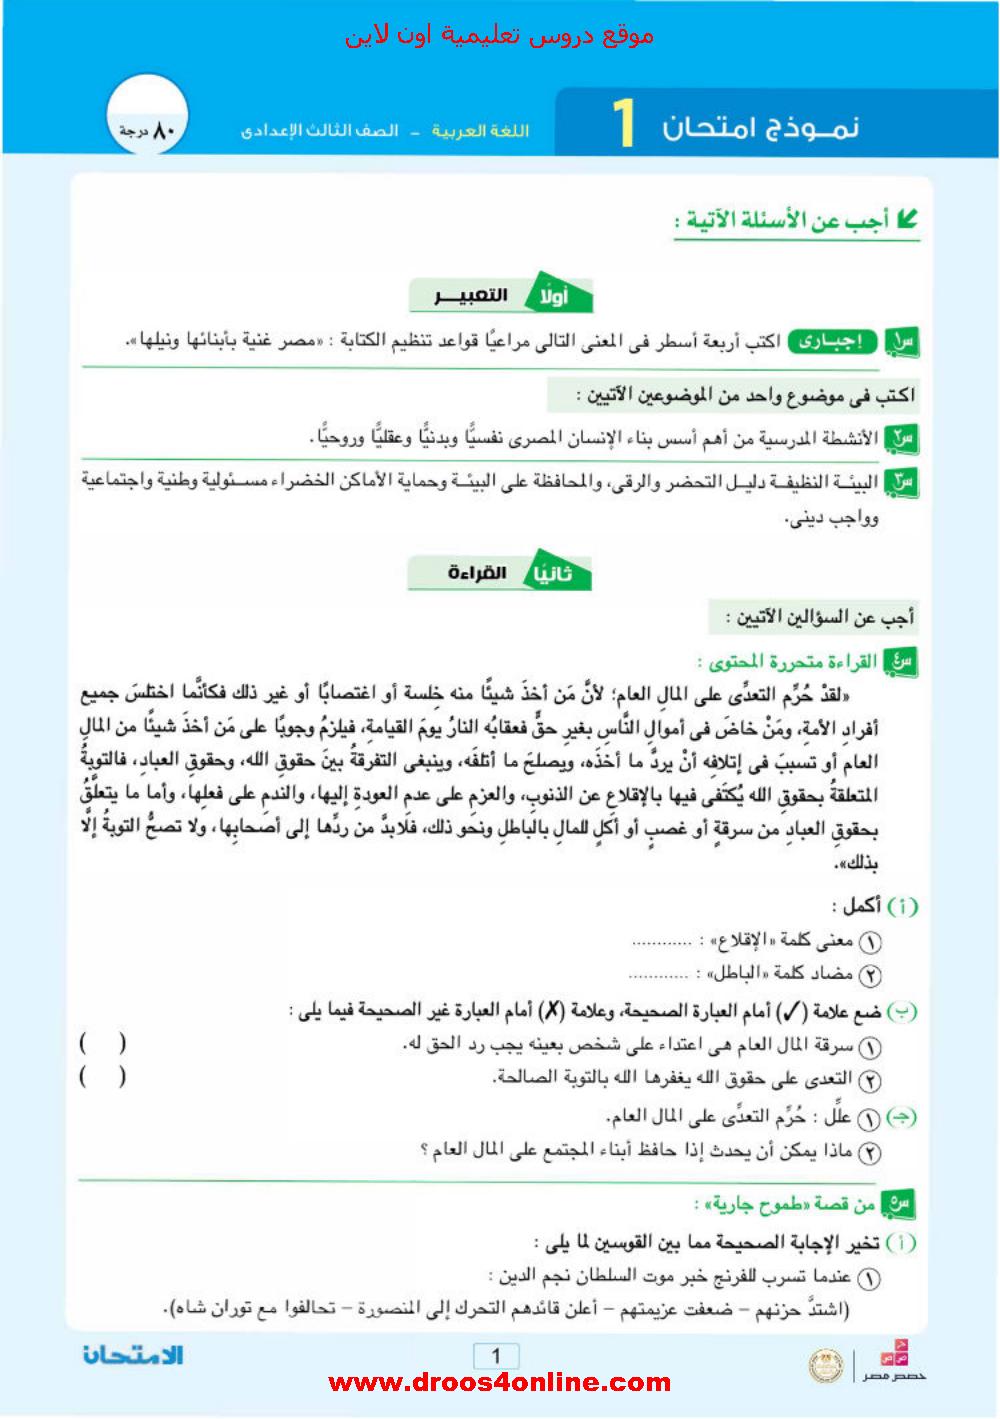 نماذج الوزارة الإسترشادية فى اللغة العربية بالإجابات الصف الثالث الإعدادى الترم الثانى 2021